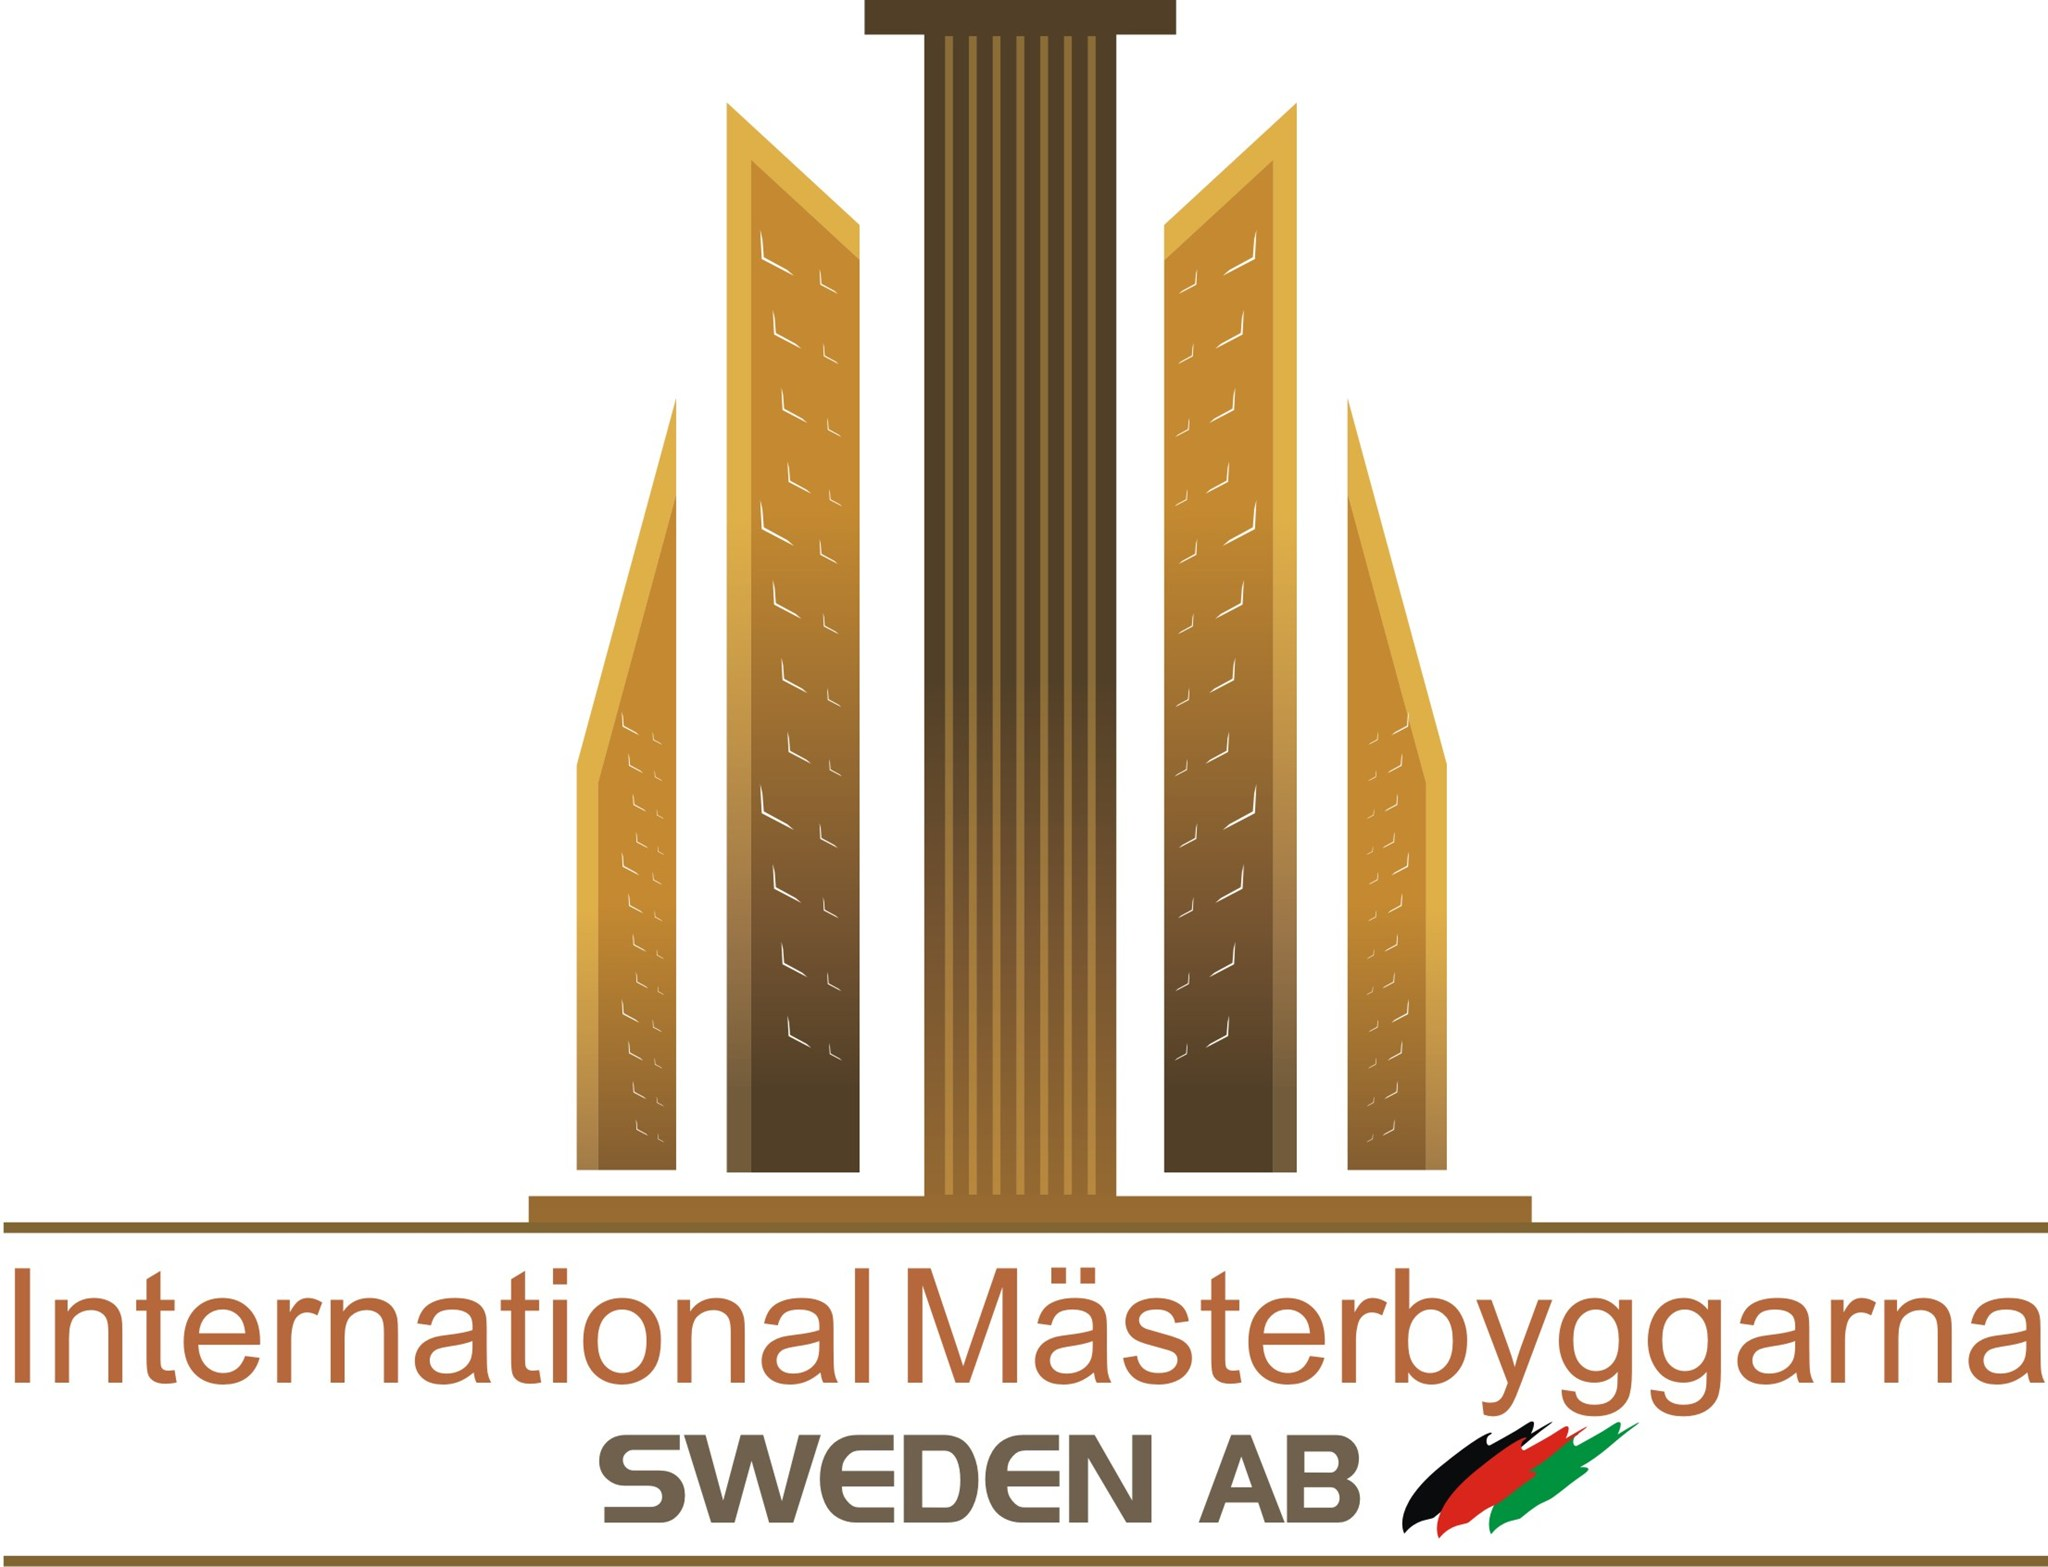 Logotyp för International Mästerbyggarna Sweden AB